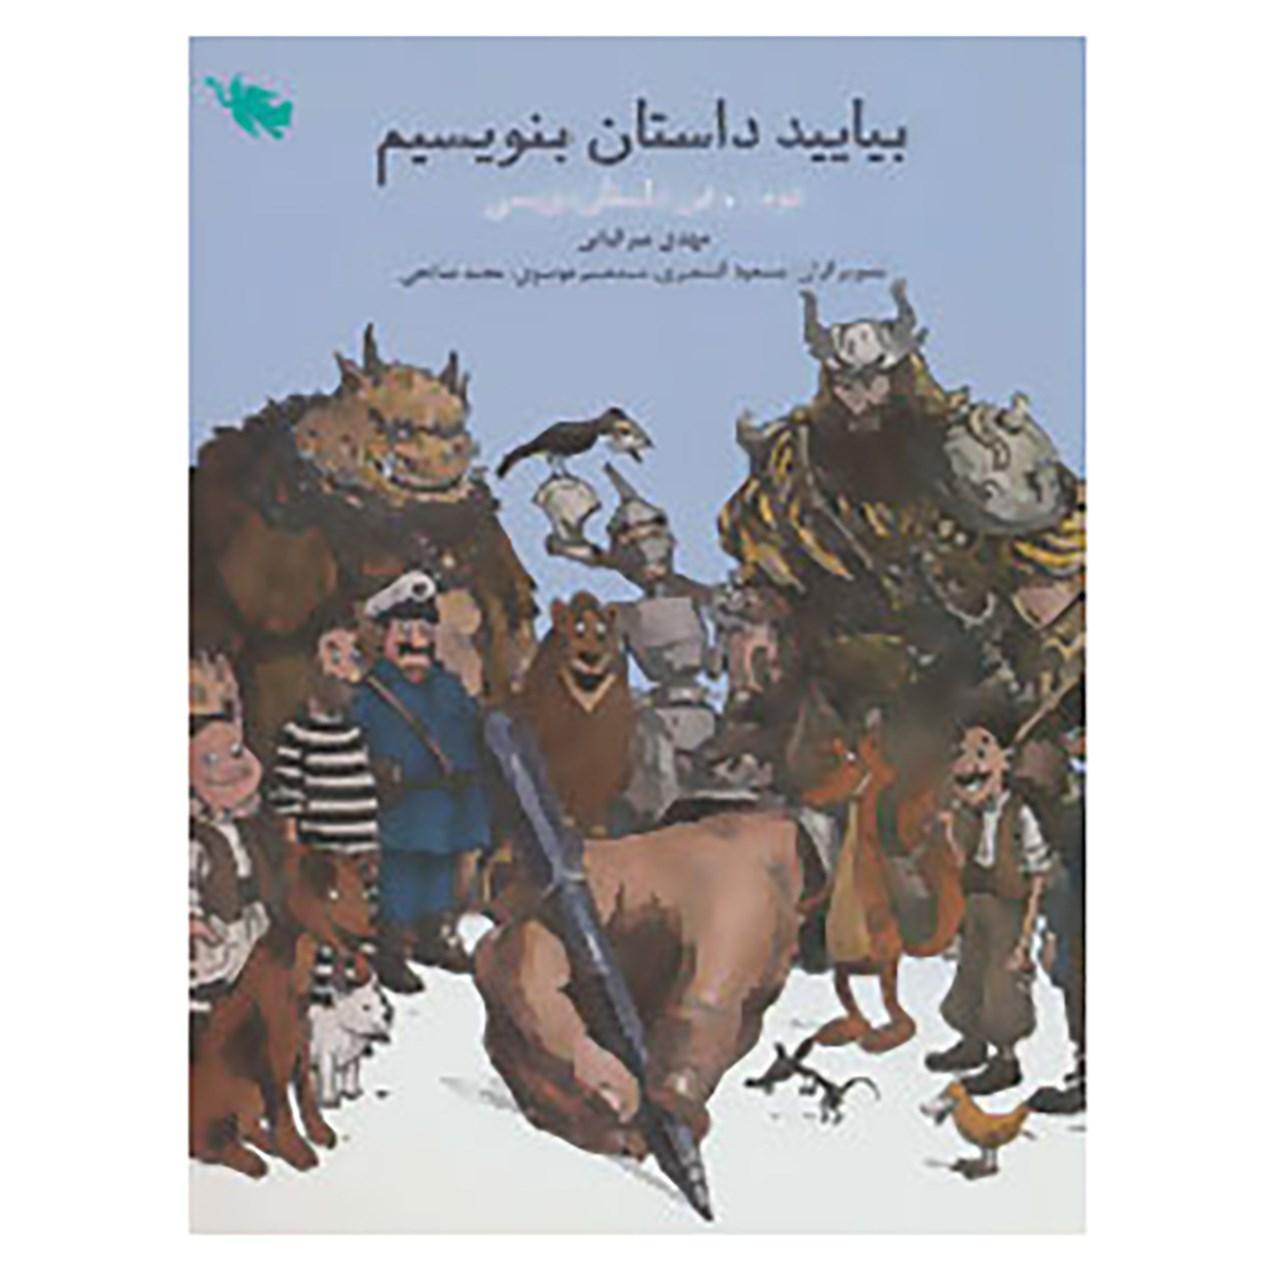 خرید                      کتاب بیایید داستان بنویسیم اثر مهدی میرکیایی